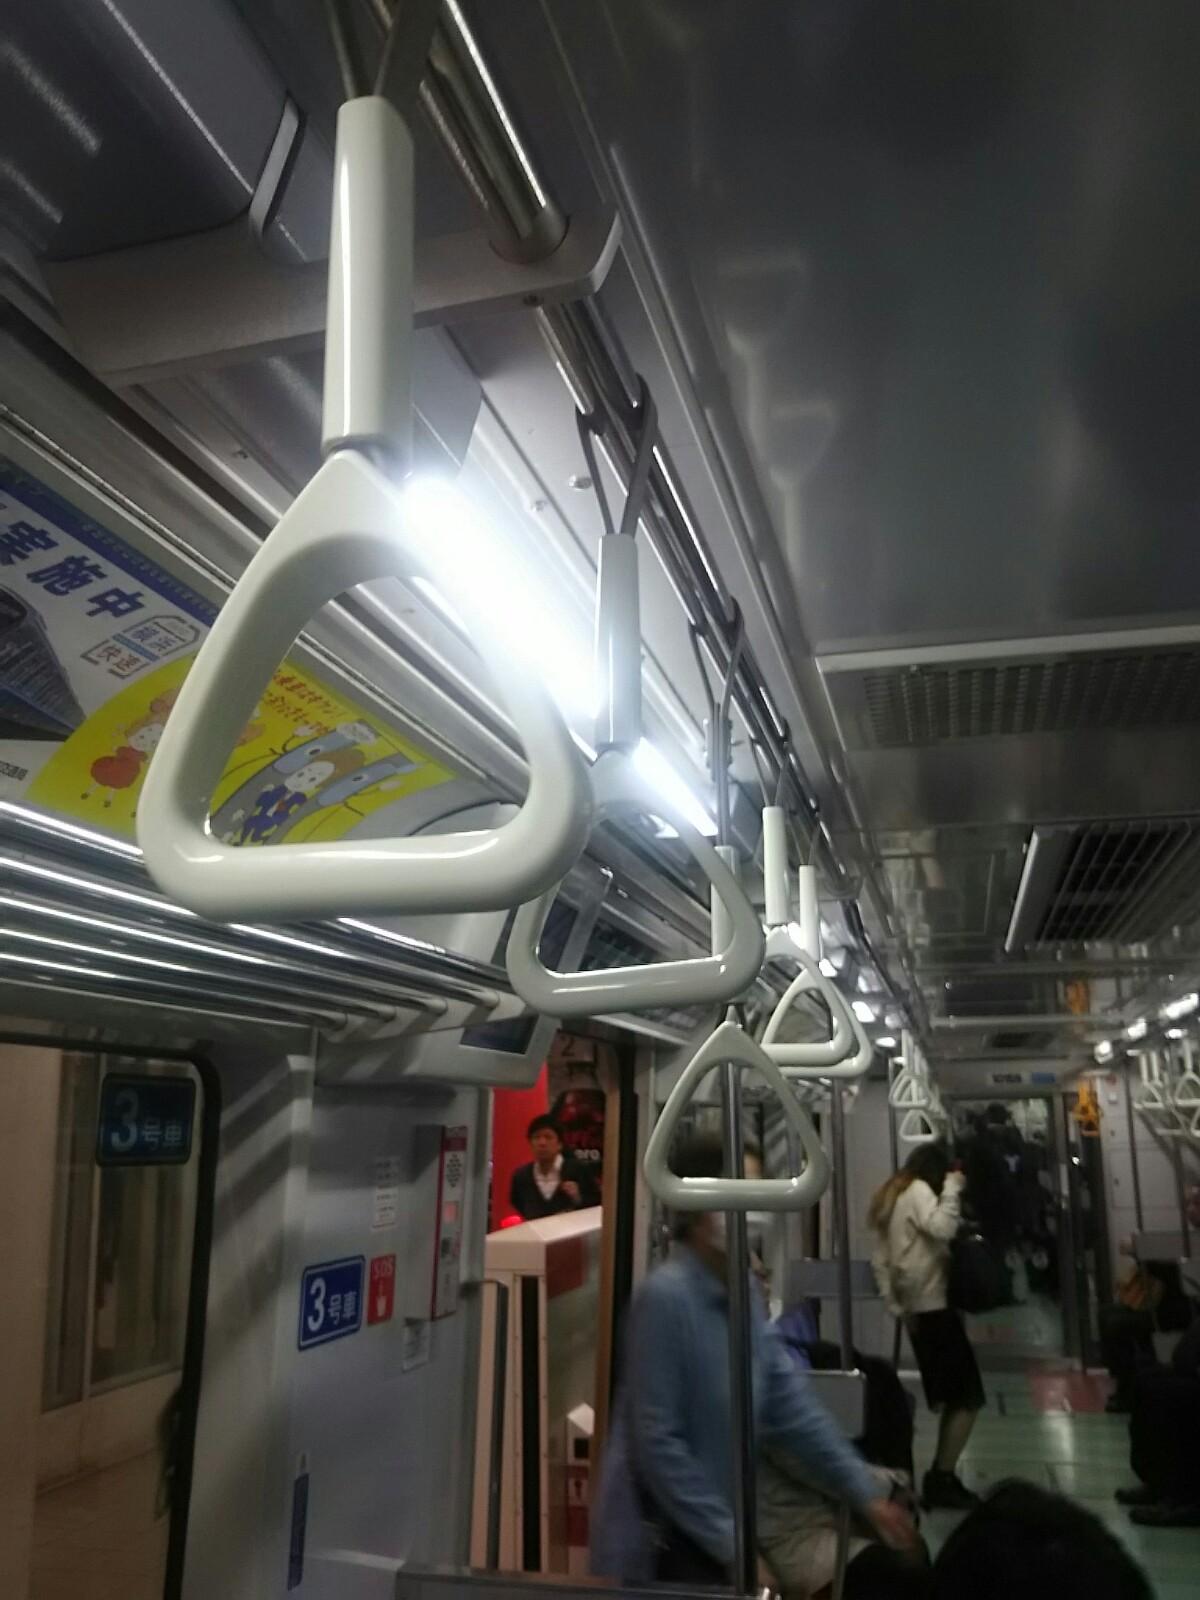 横浜市営地下鉄のつり革